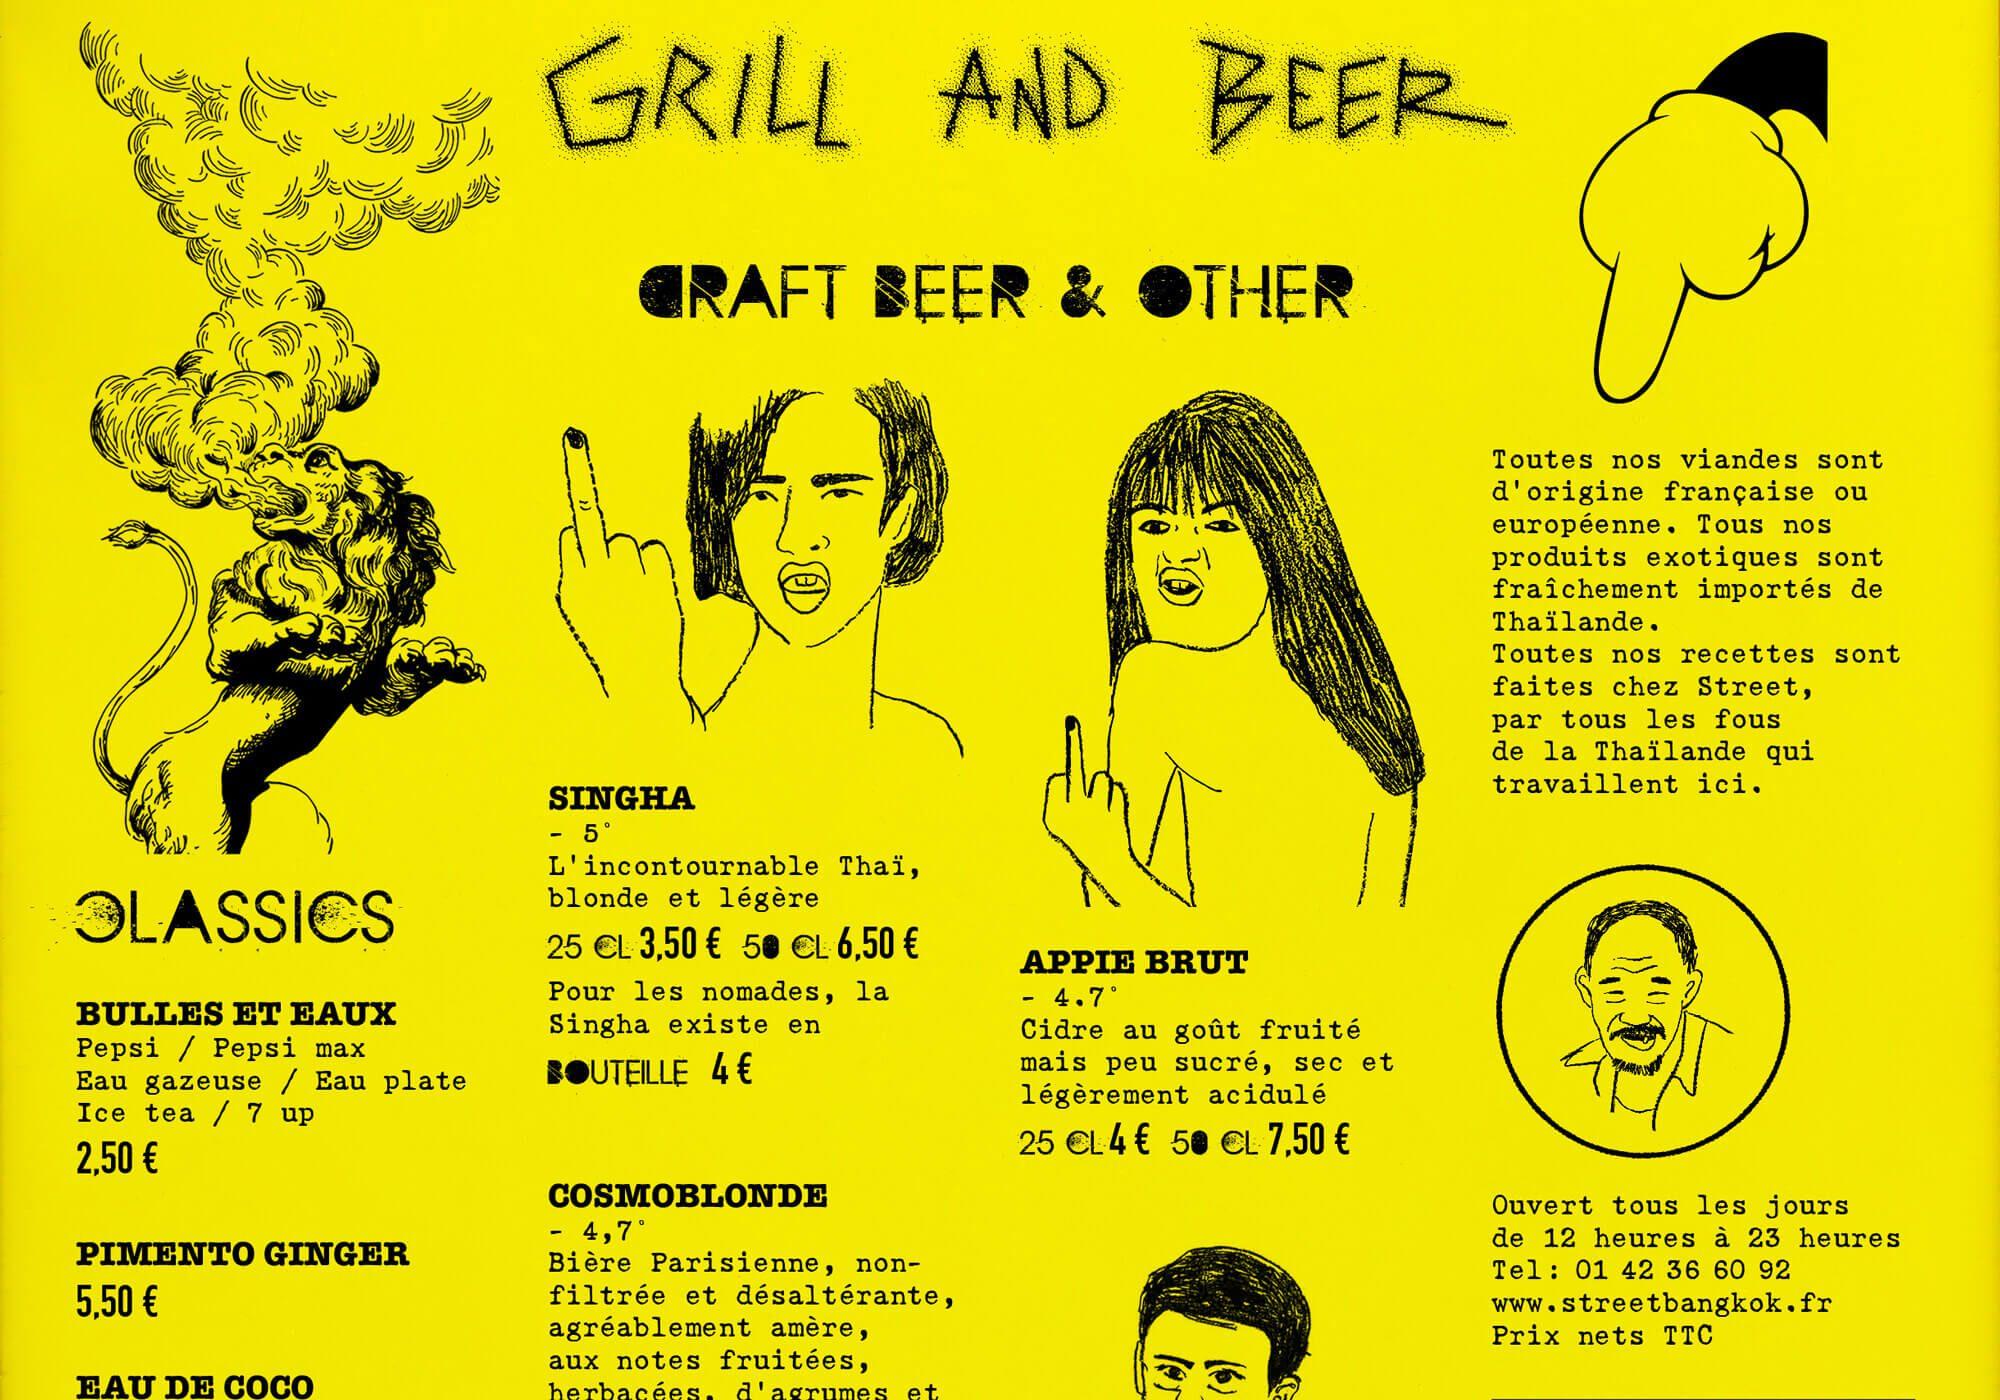 détail du menu de street bangkok par le studio de graphisme ichetkar. Un choix de typo punk rock pour la chaine de restaurant thaï design par IchetKar